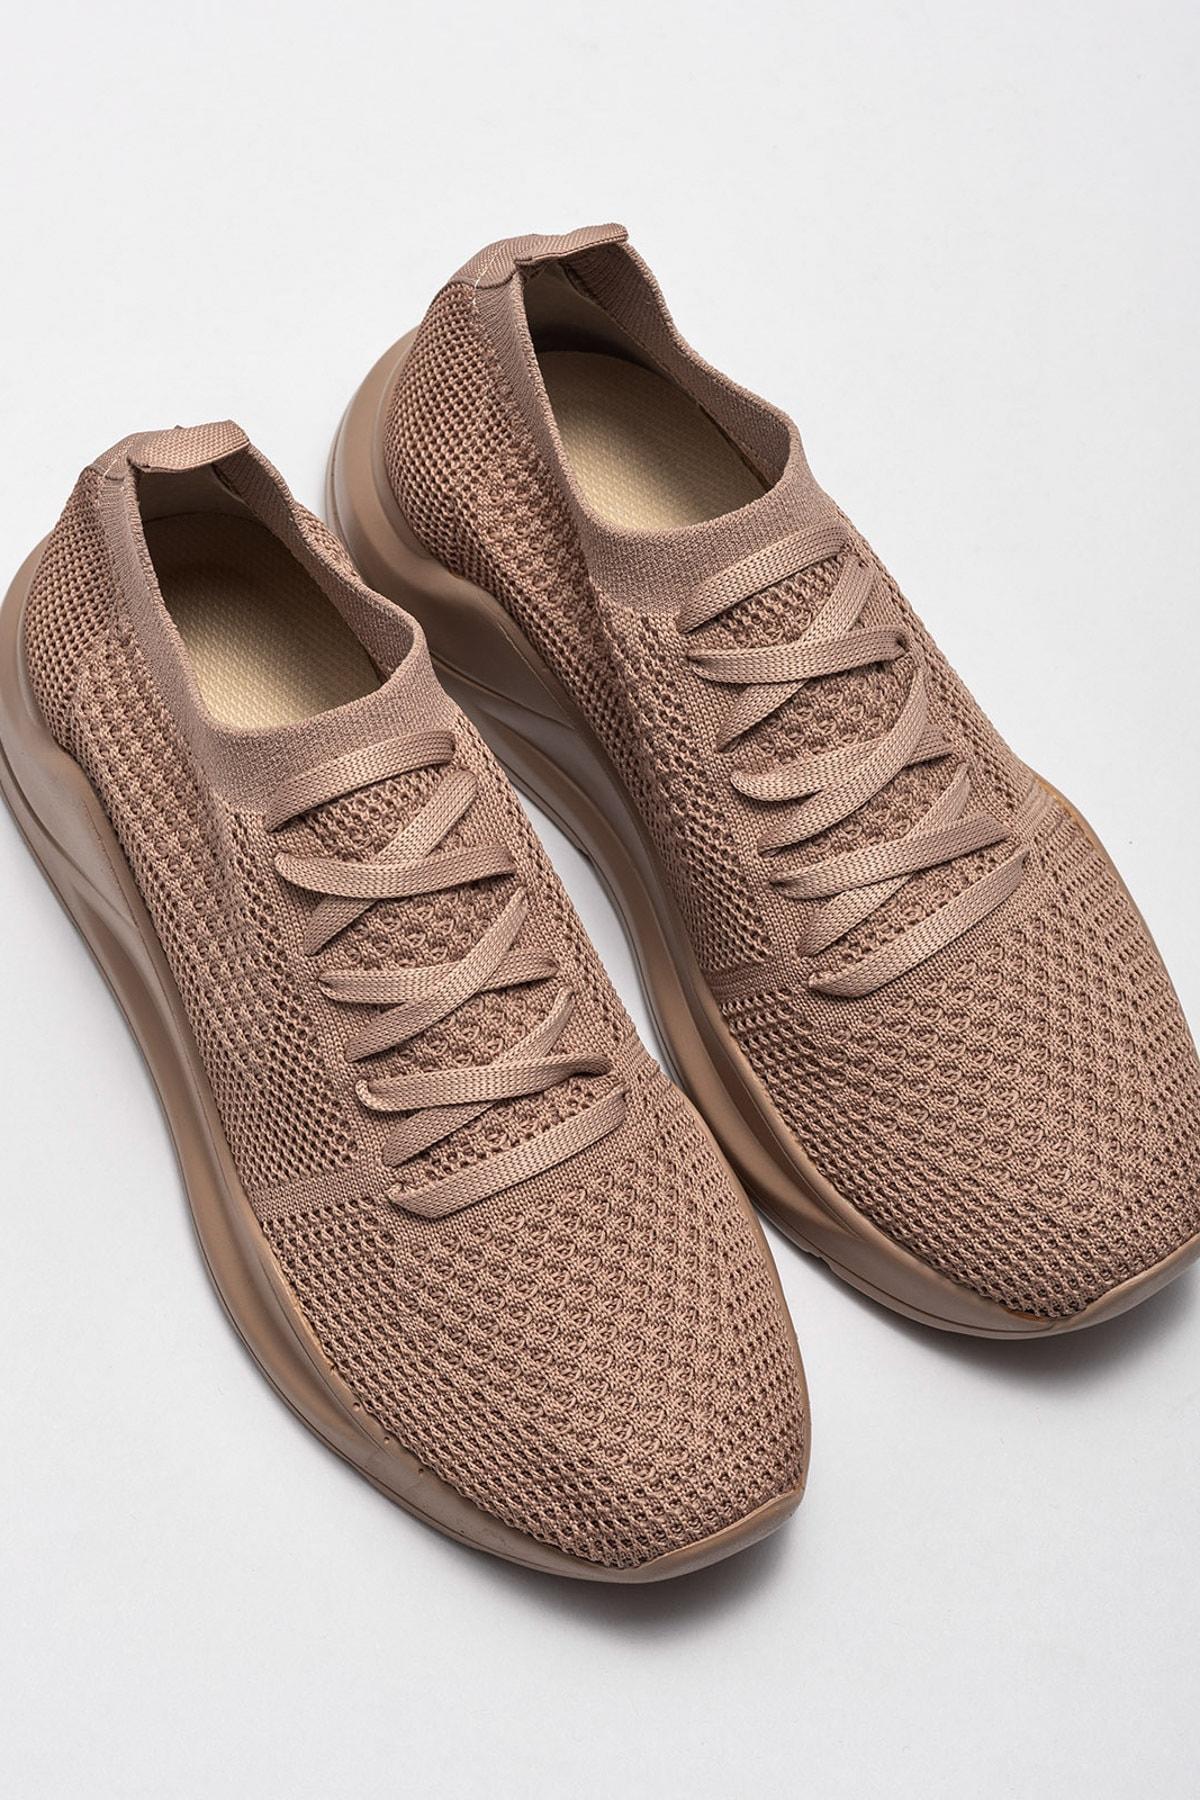 Elle Shoes Kadın Sneaker Cıerra-2 20KCD506-223 2